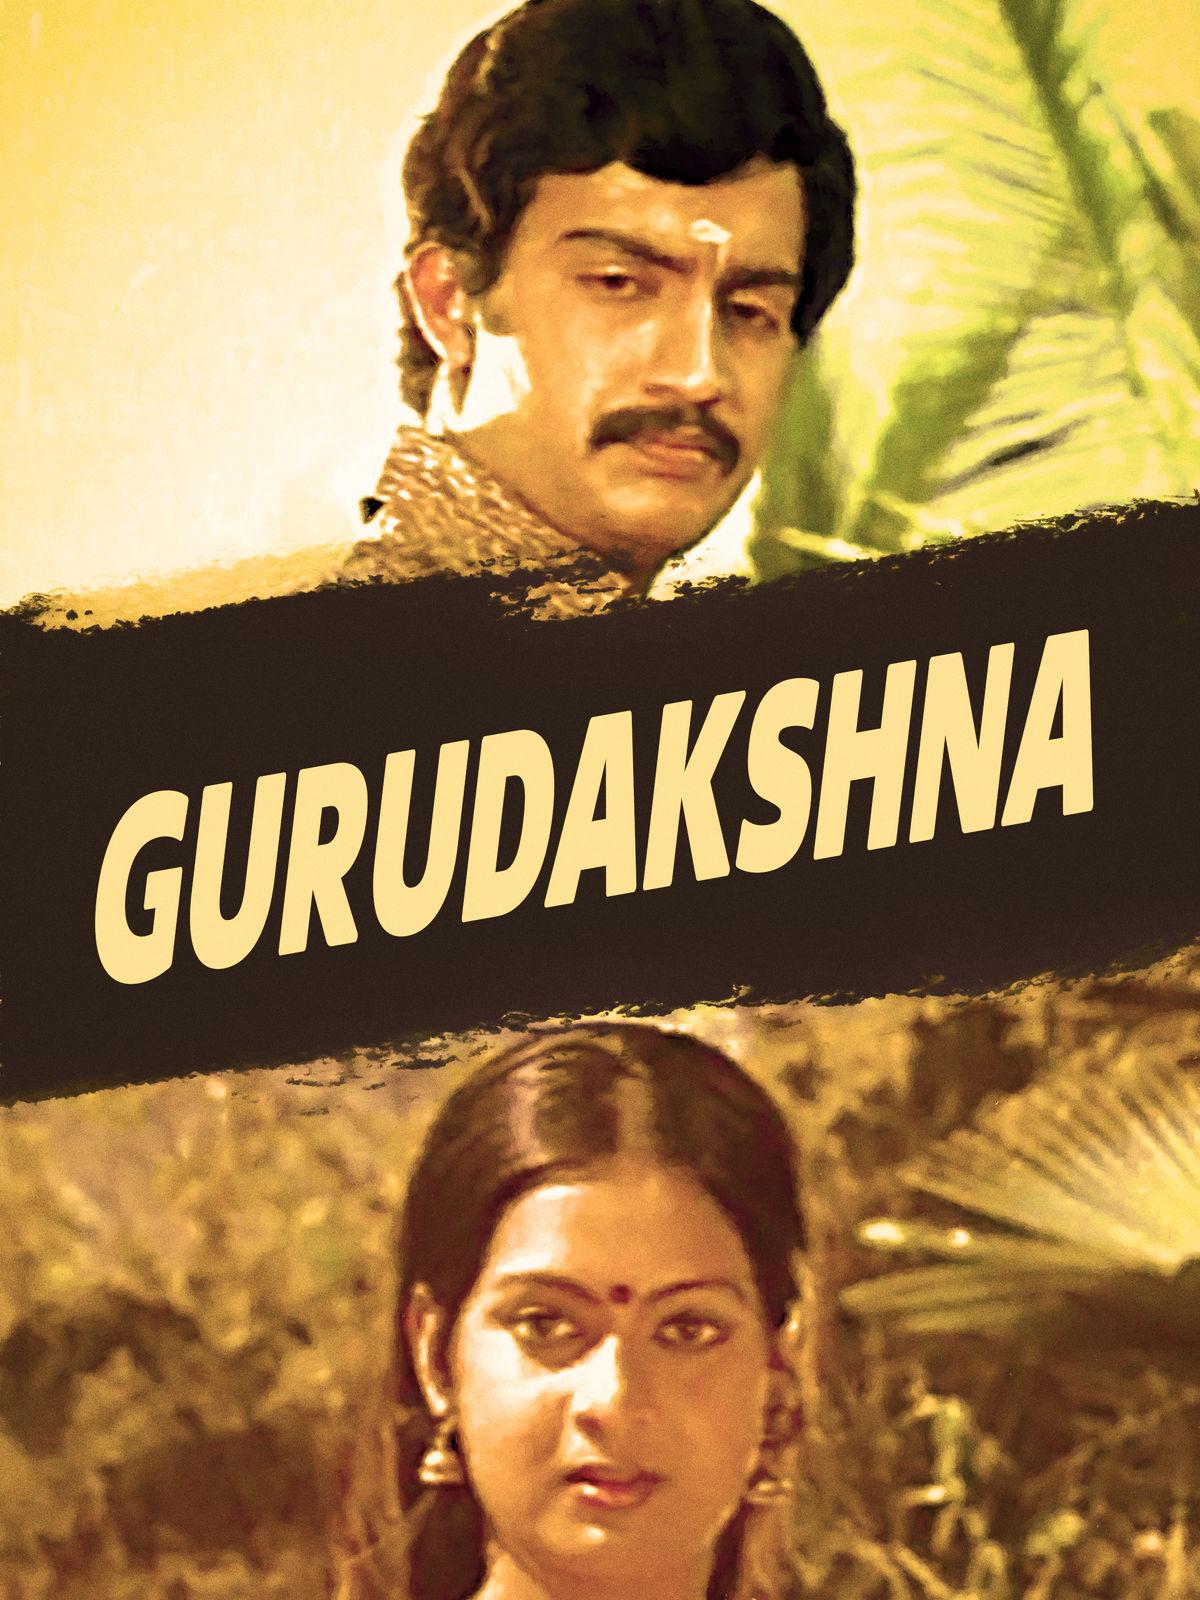 Gurudakshna